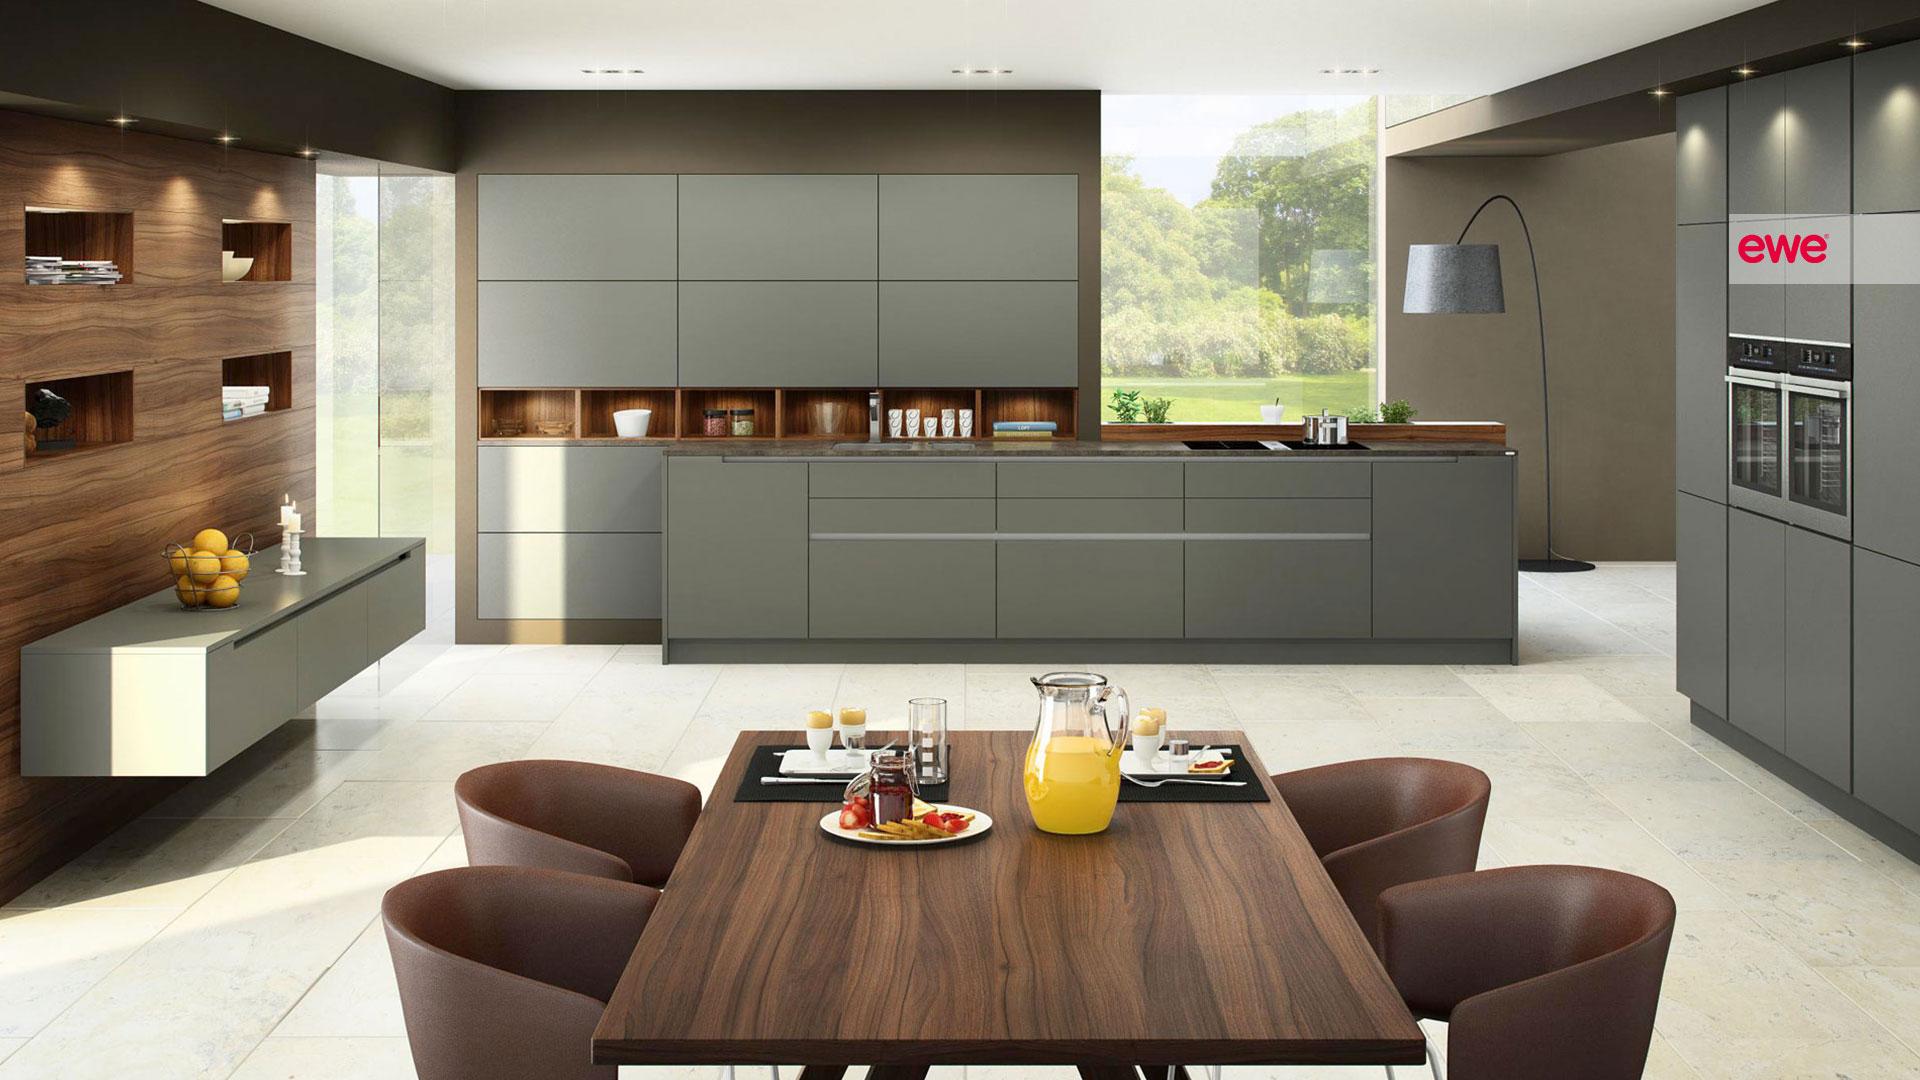 ewe Küche mit grauen Fronten | Miele Center Pellet Wien